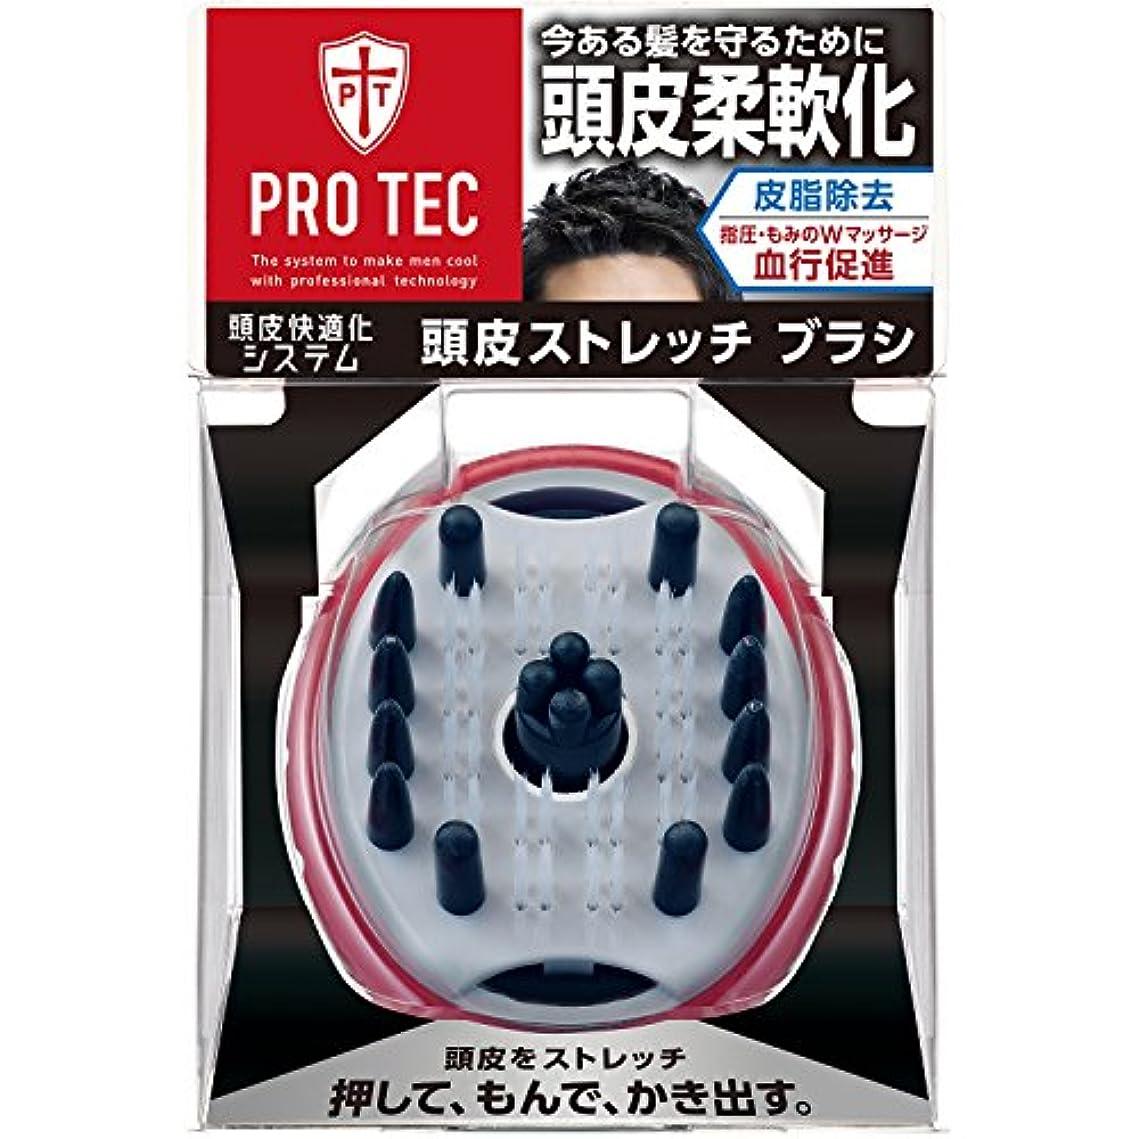 安いですペチュランススキニーPRO TEC(プロテク) ウォッシングブラシ 頭皮ストレッチタイプ